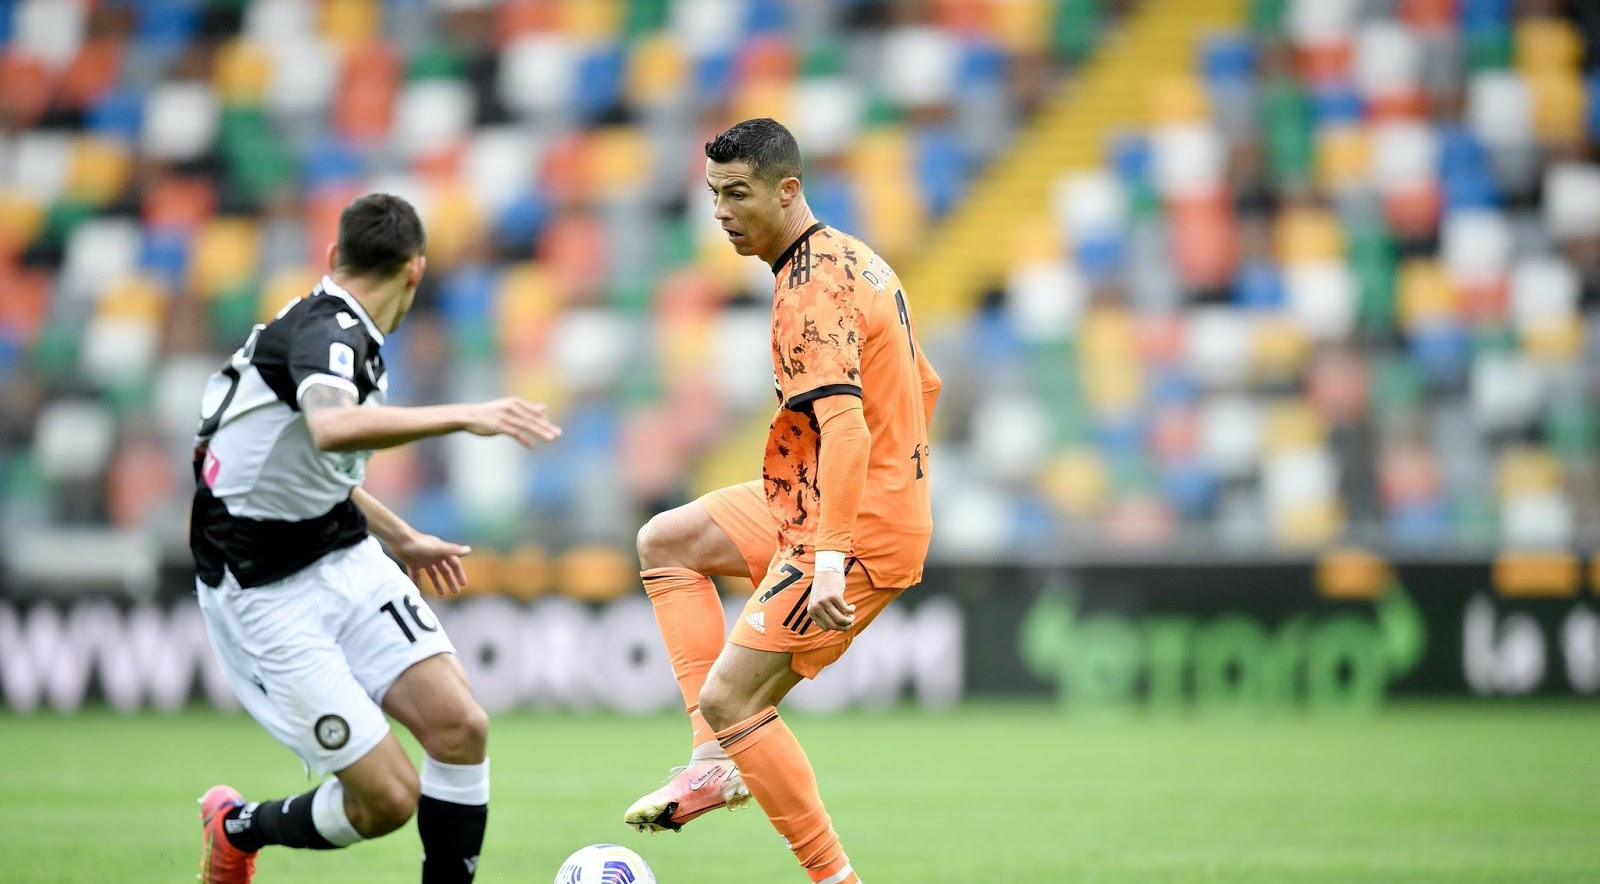 ملخص واهداف مباراة يوفنتوس واودينيزي (2-1) الدوري الايطالي